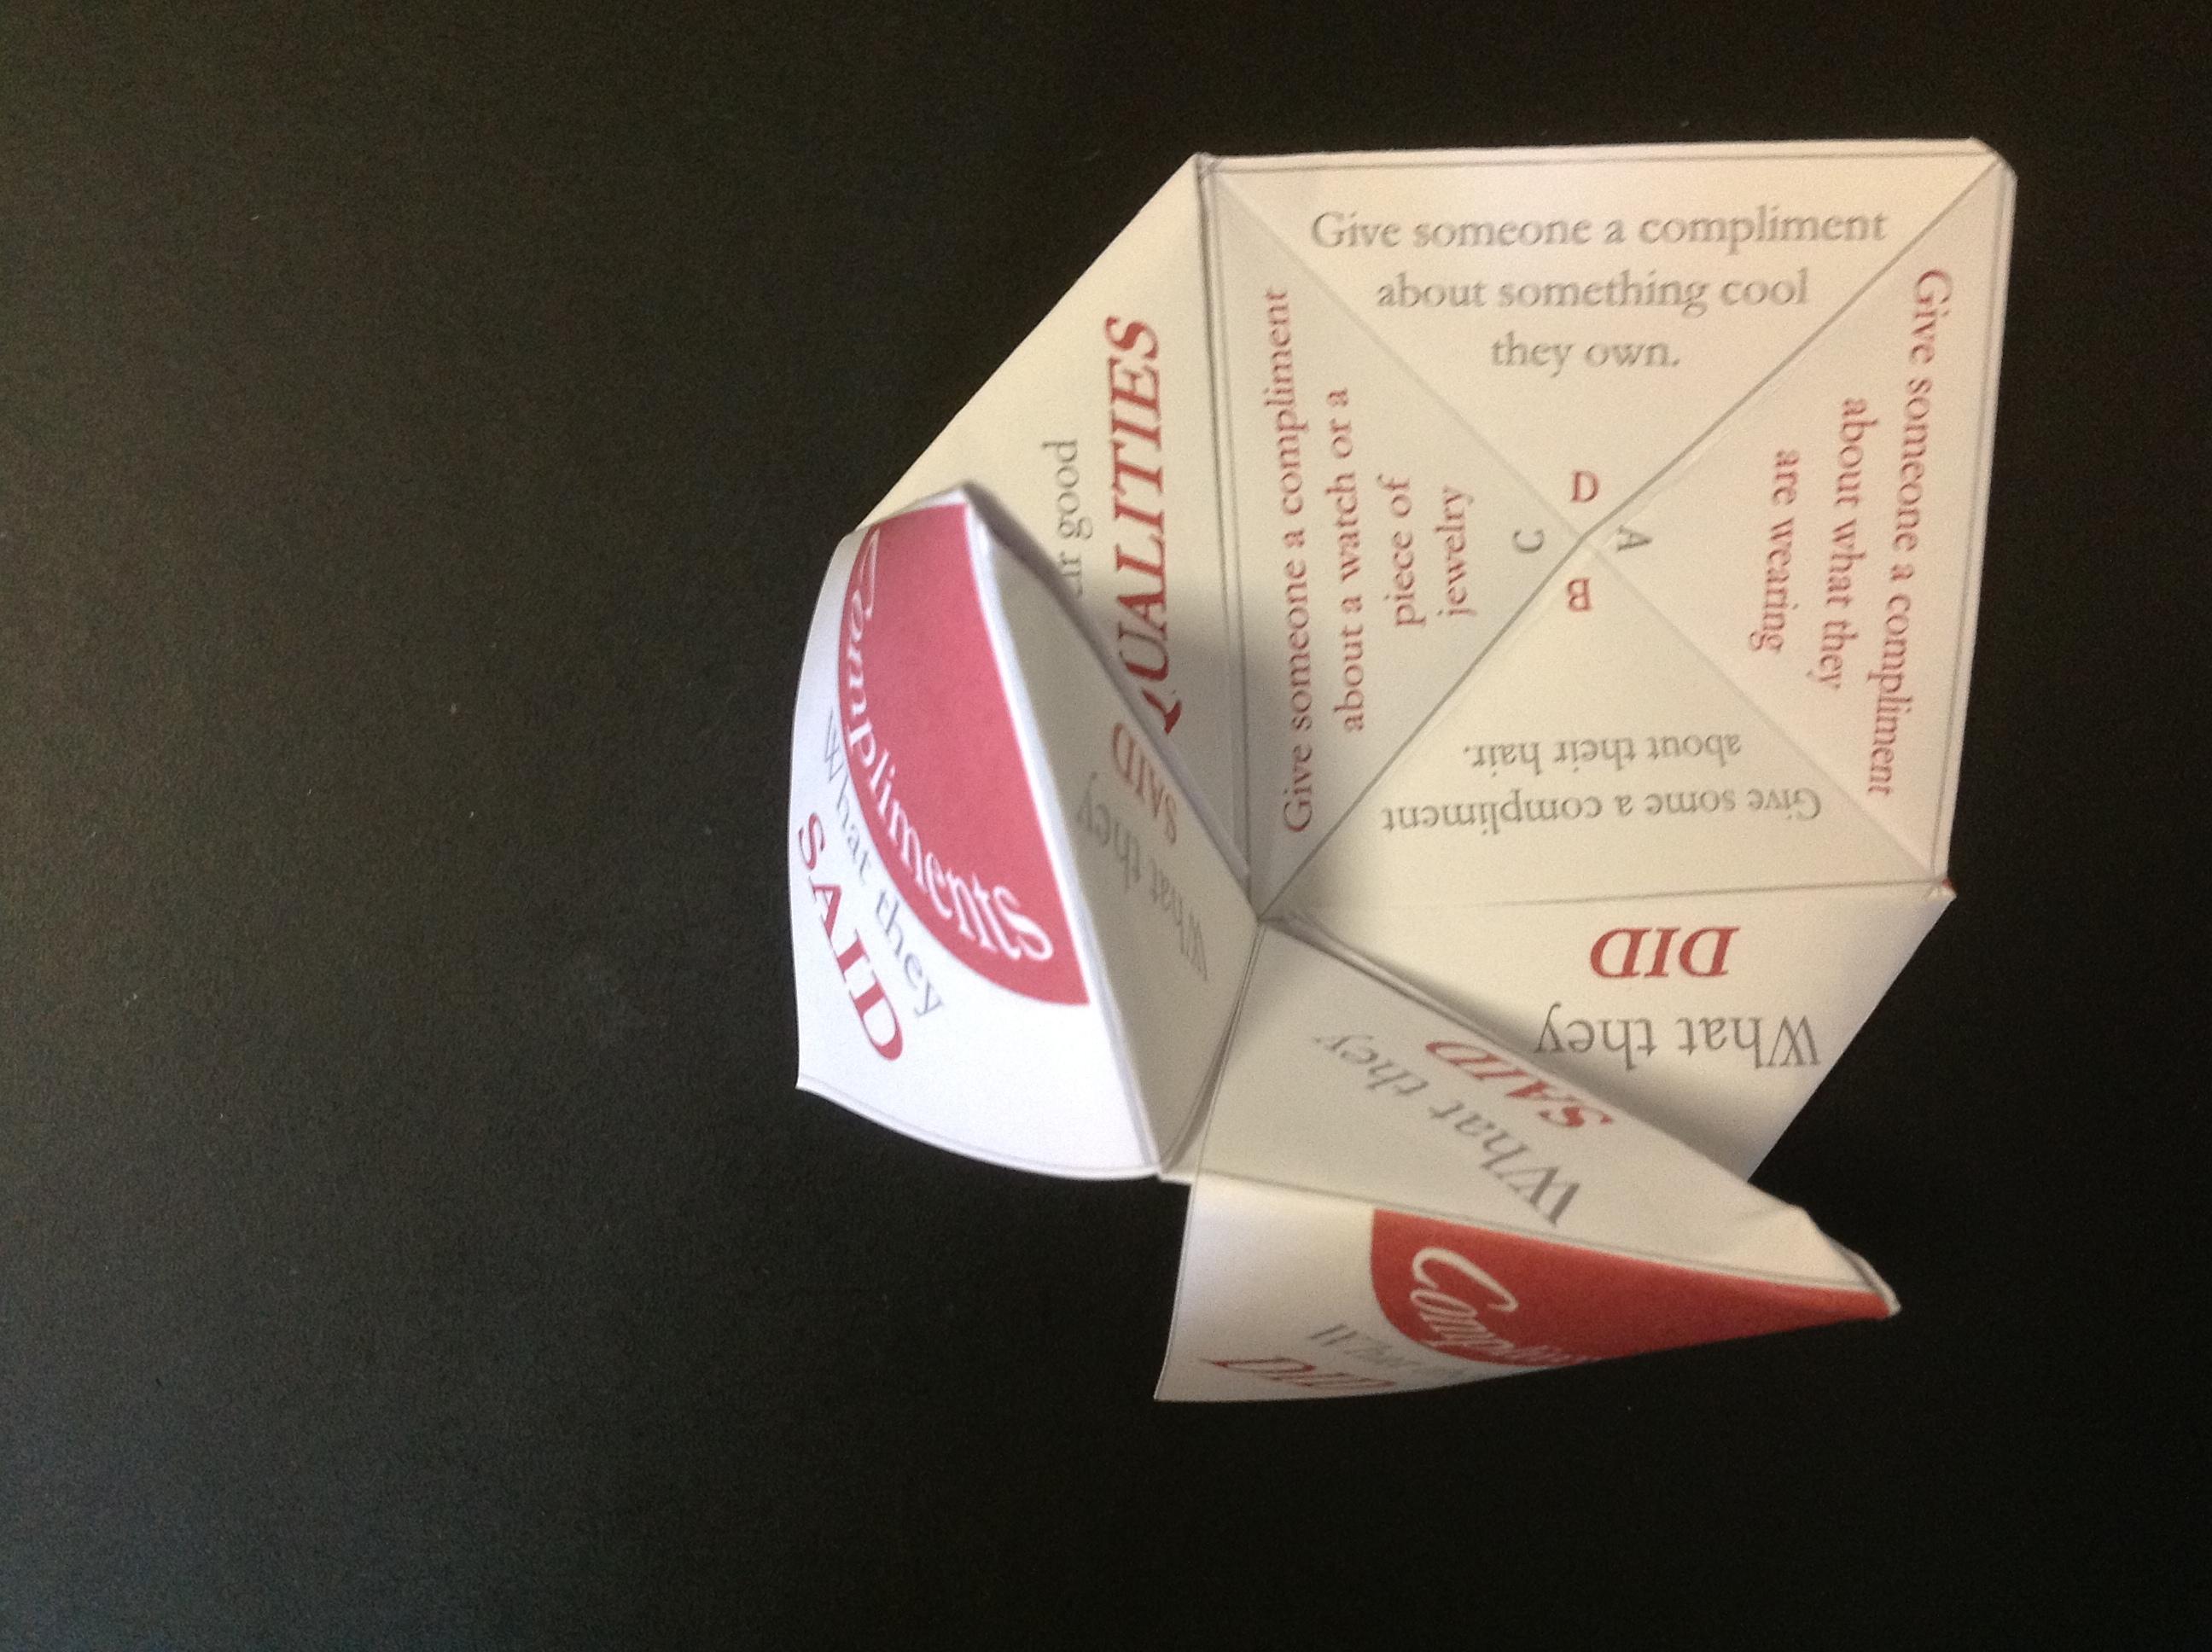 Paper Fortune Tellers Social Skills Games For Children